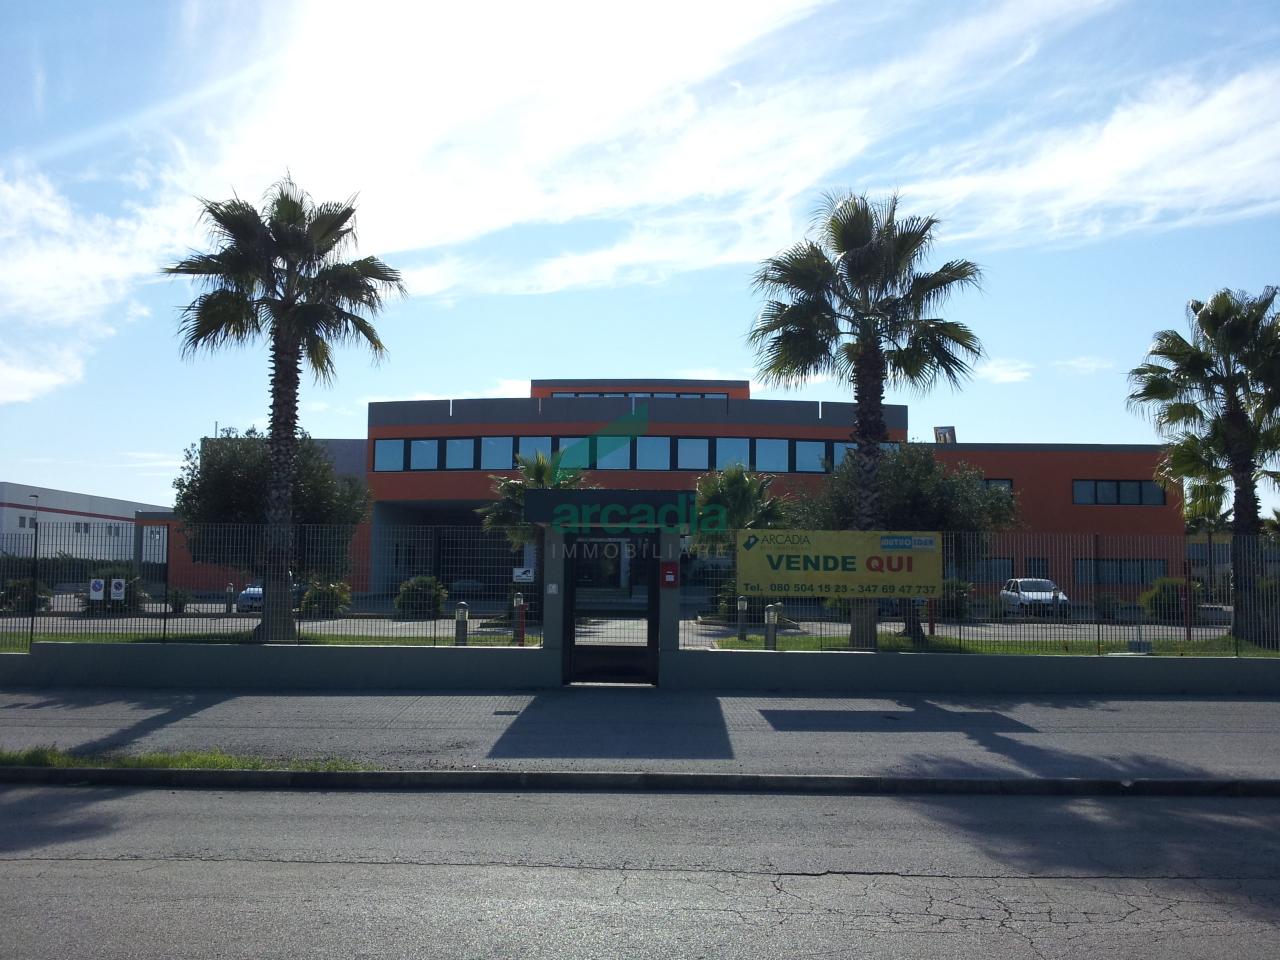 Capannone - Industriale a Zona Industriale, Modugno Rif. 4140498